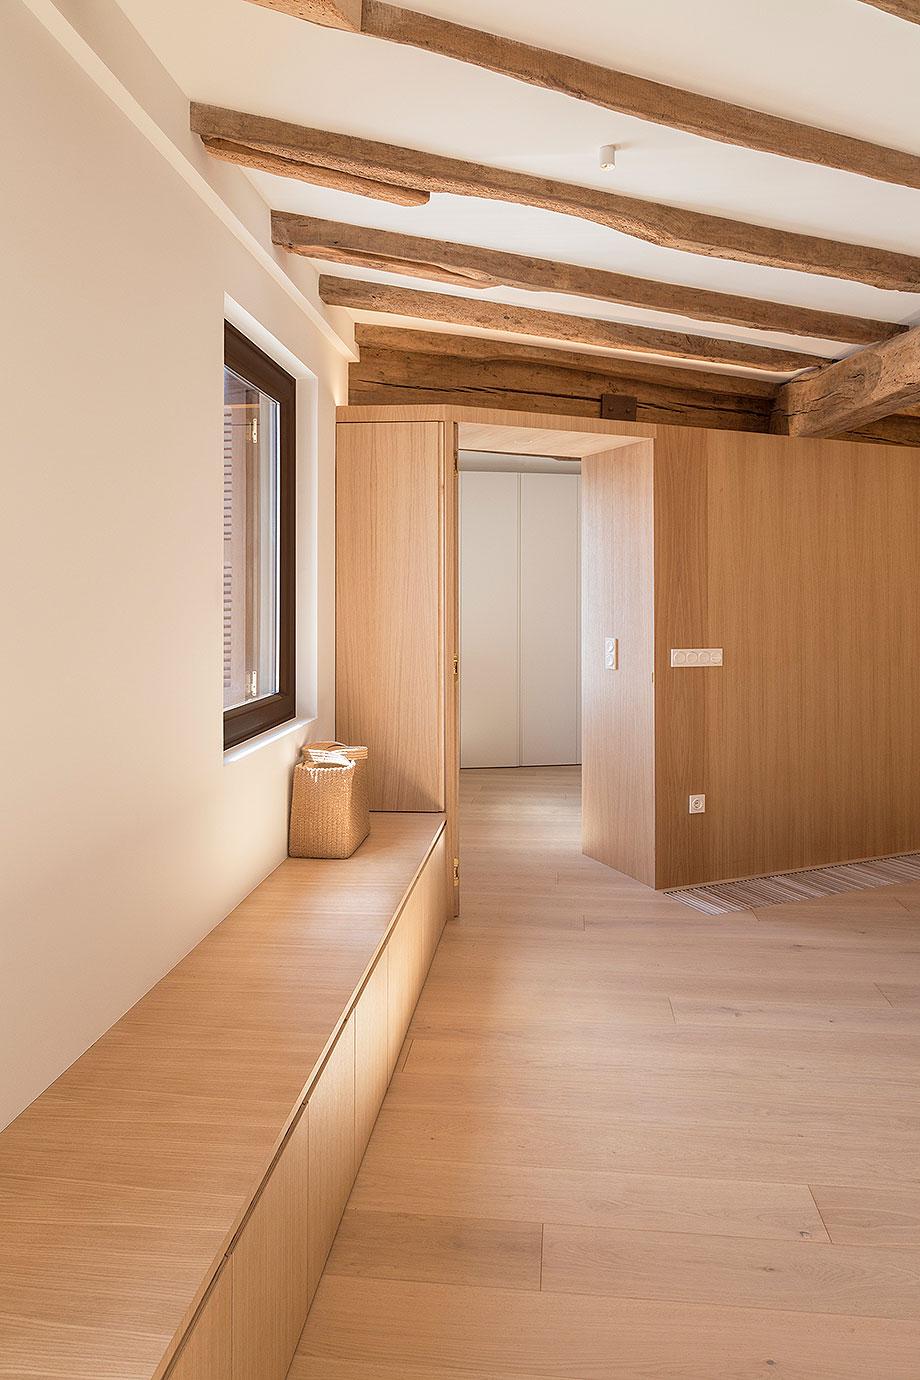 casa kaia de amaia arana arkitektura (13) - foto iñaki guridi de mitiko estudio